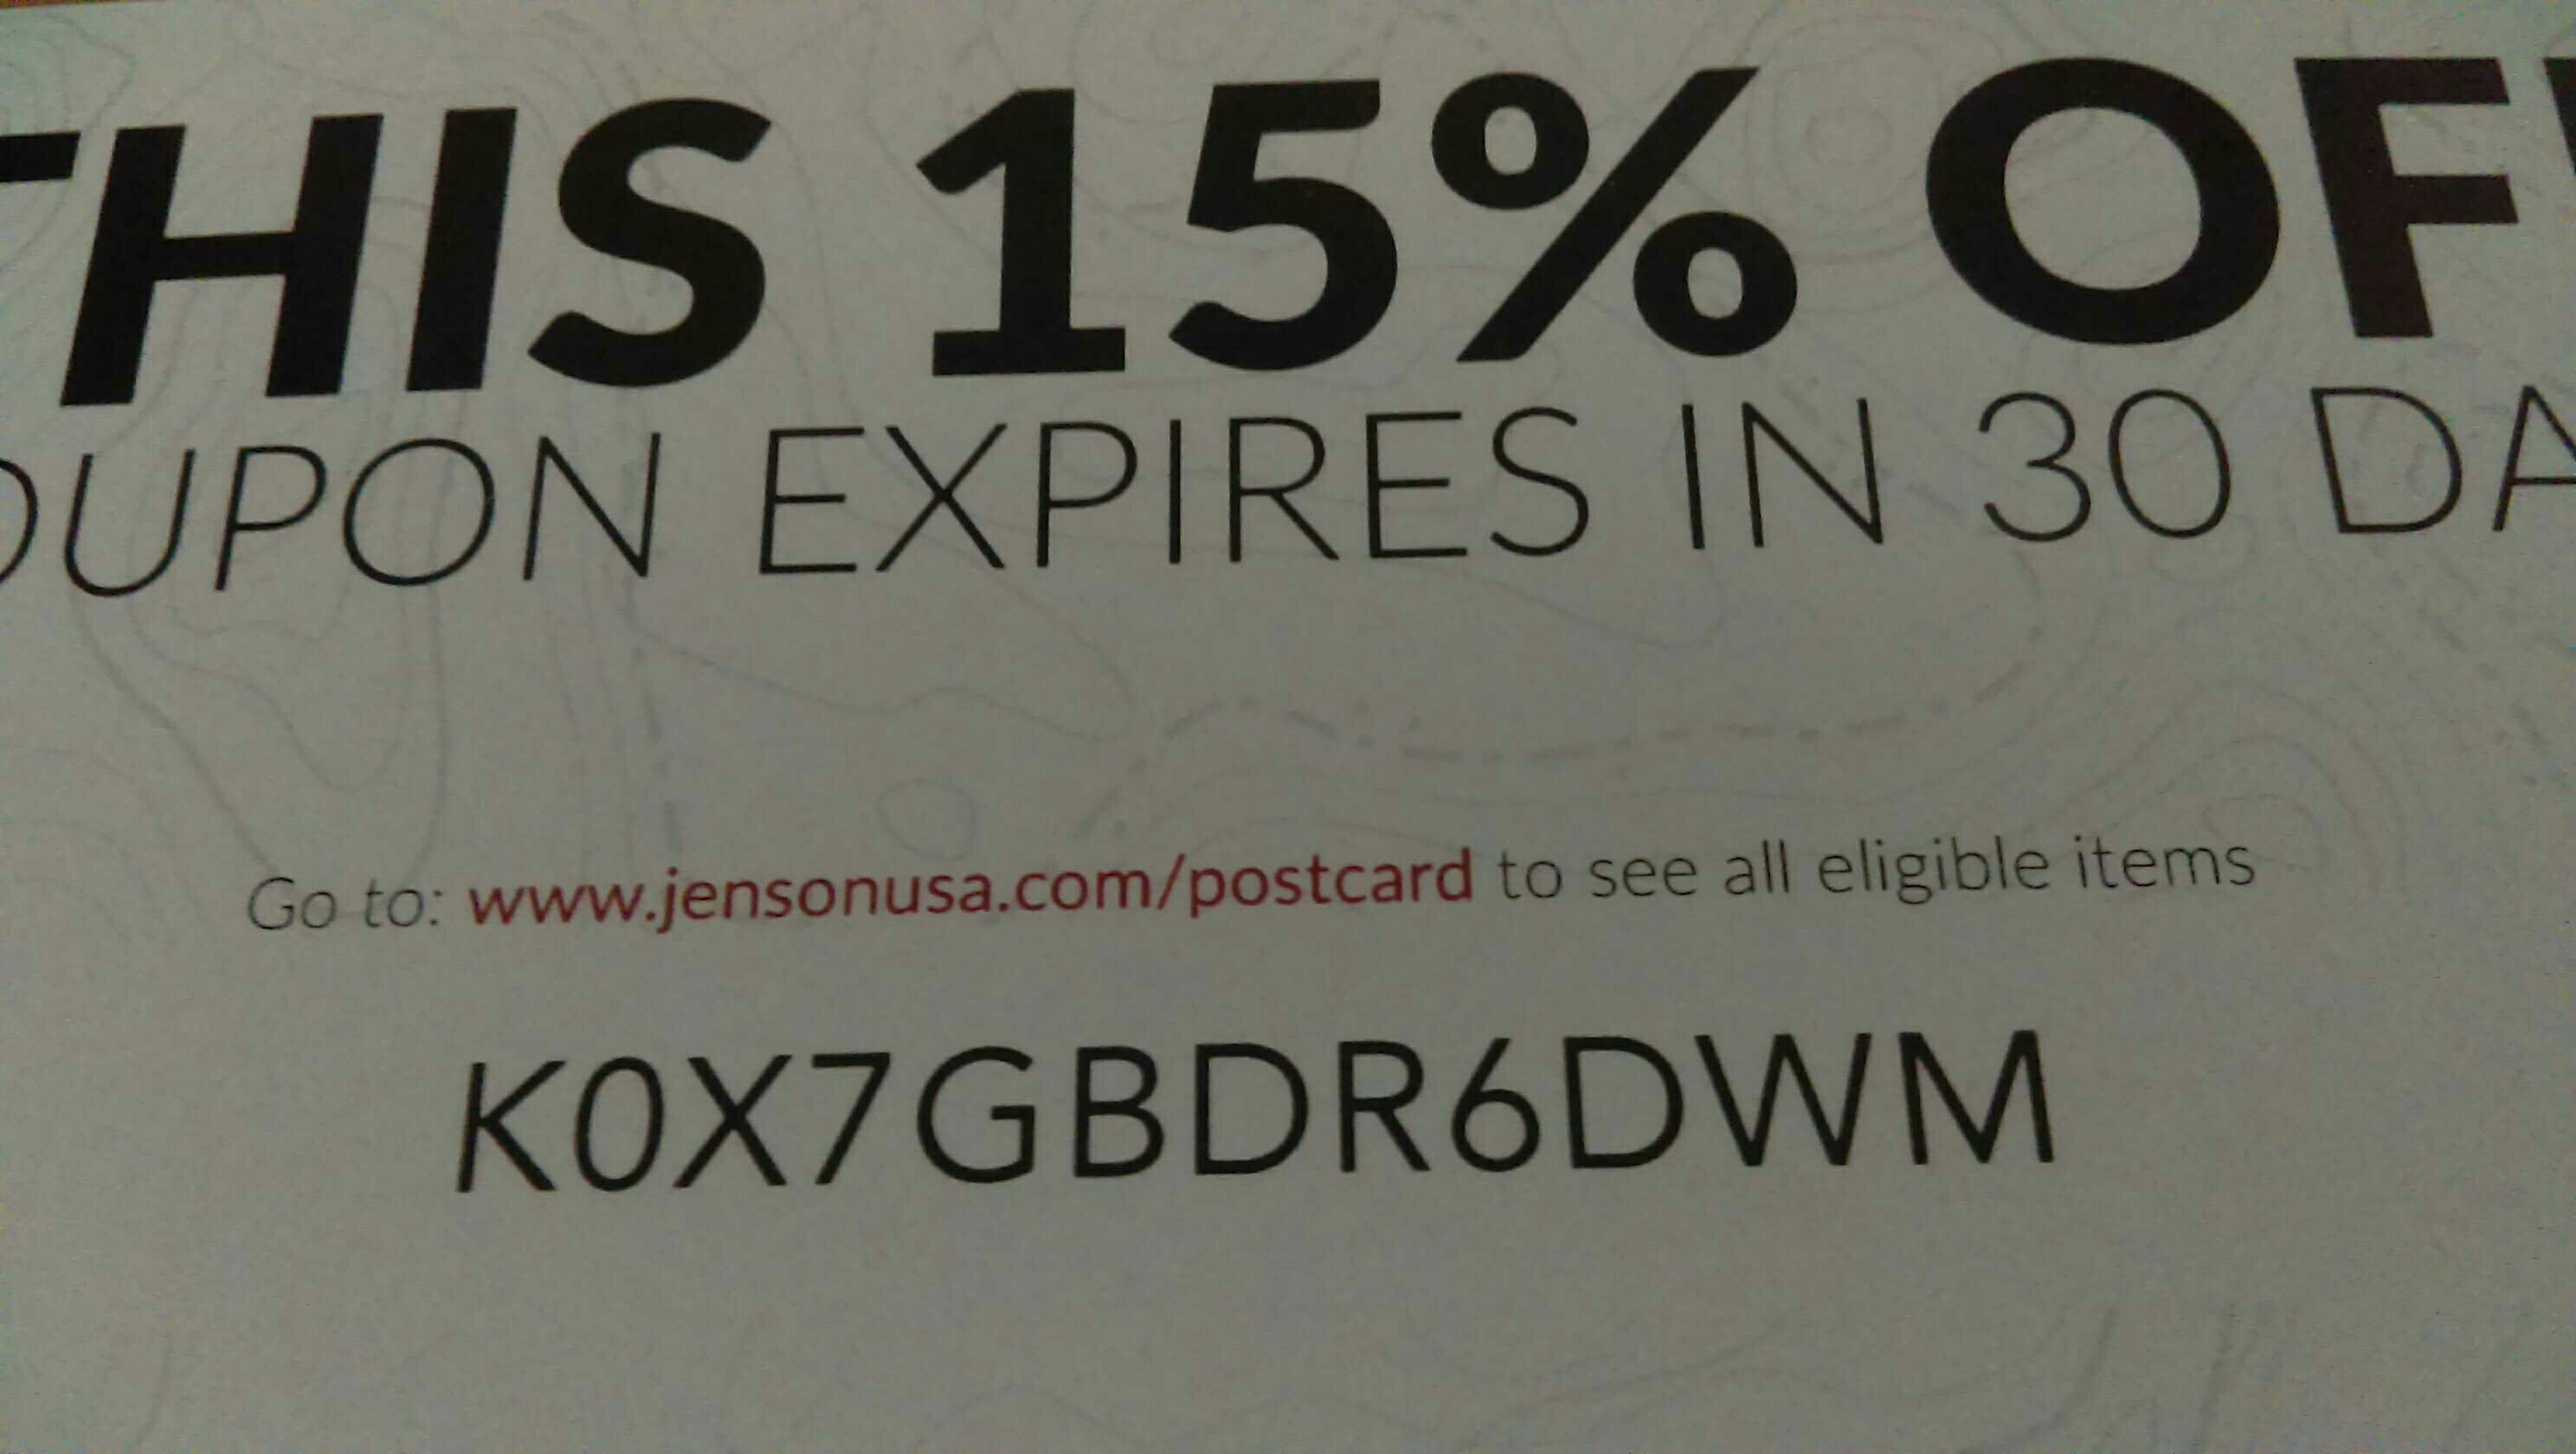 Jenson usa coupon code